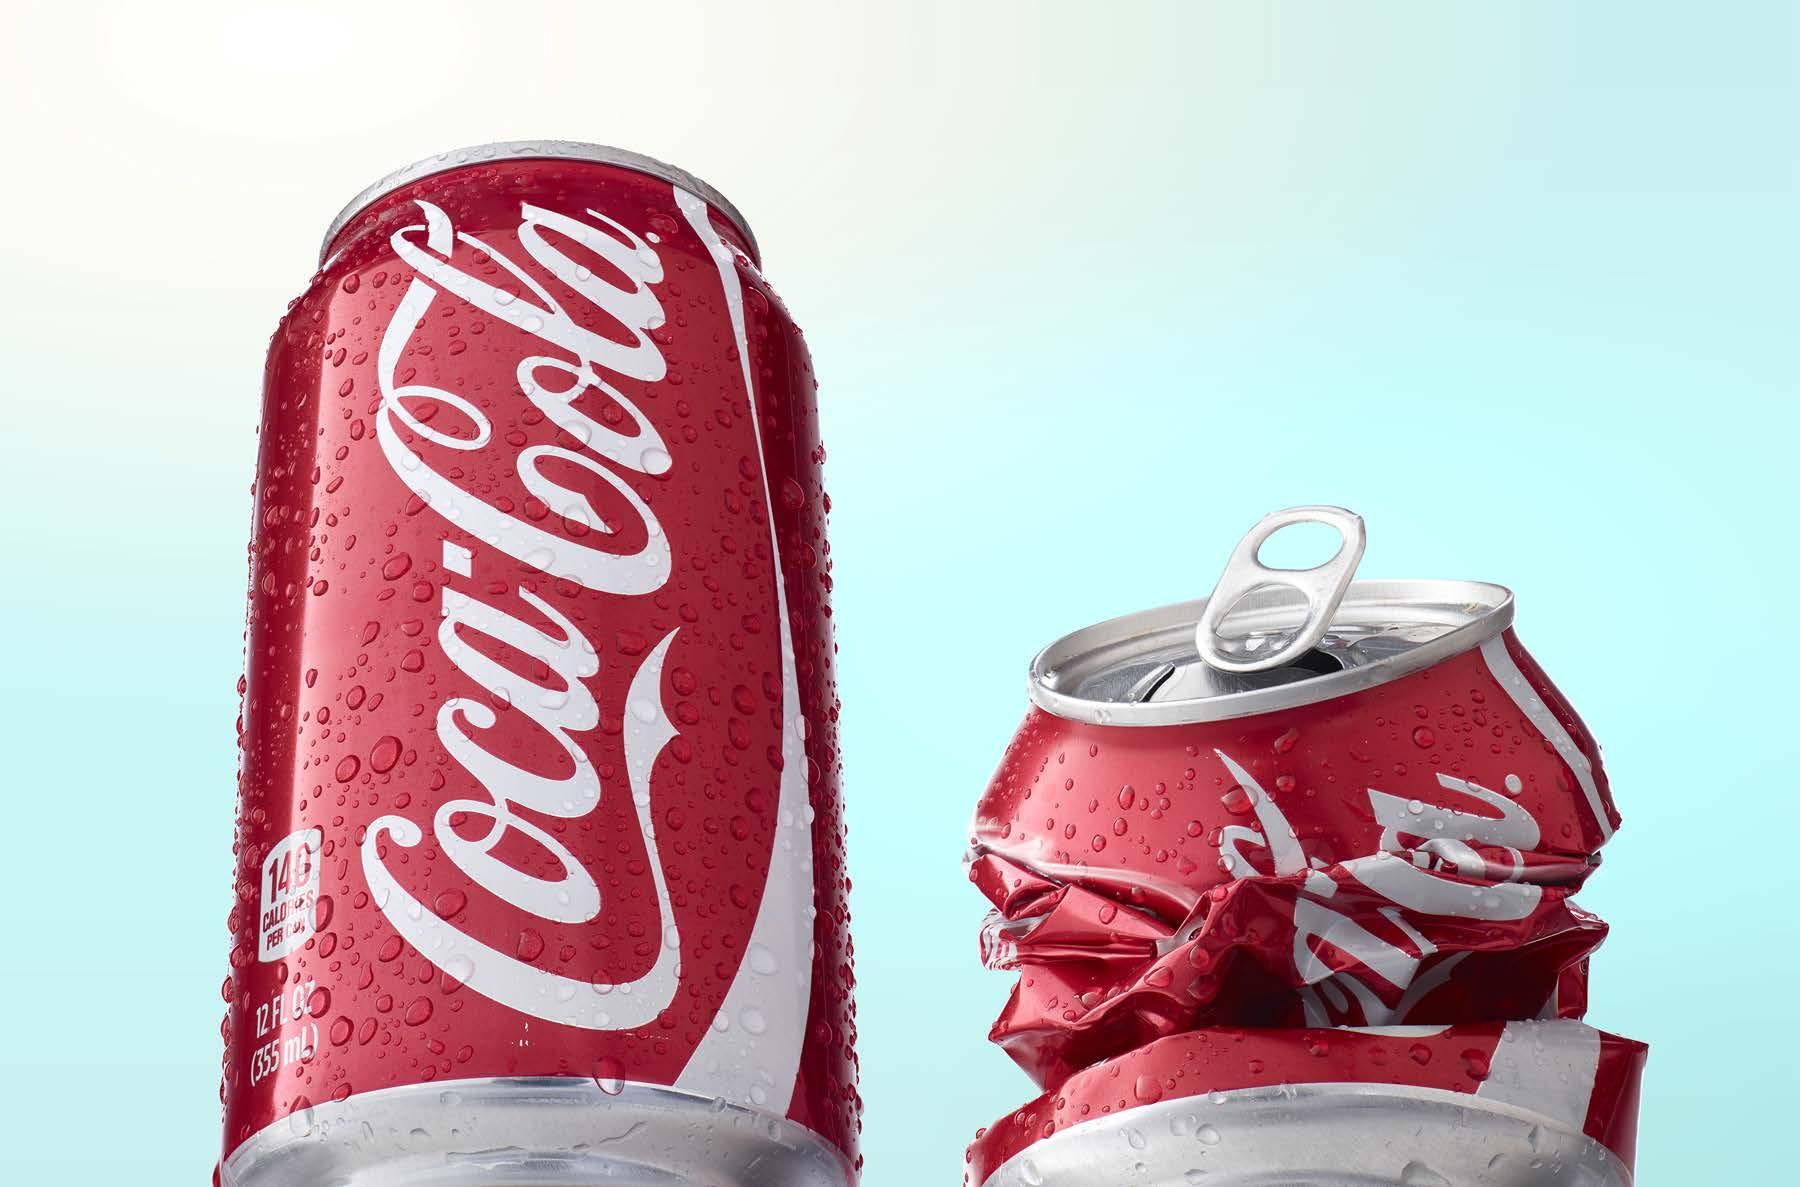 Coke-Crush.jpg